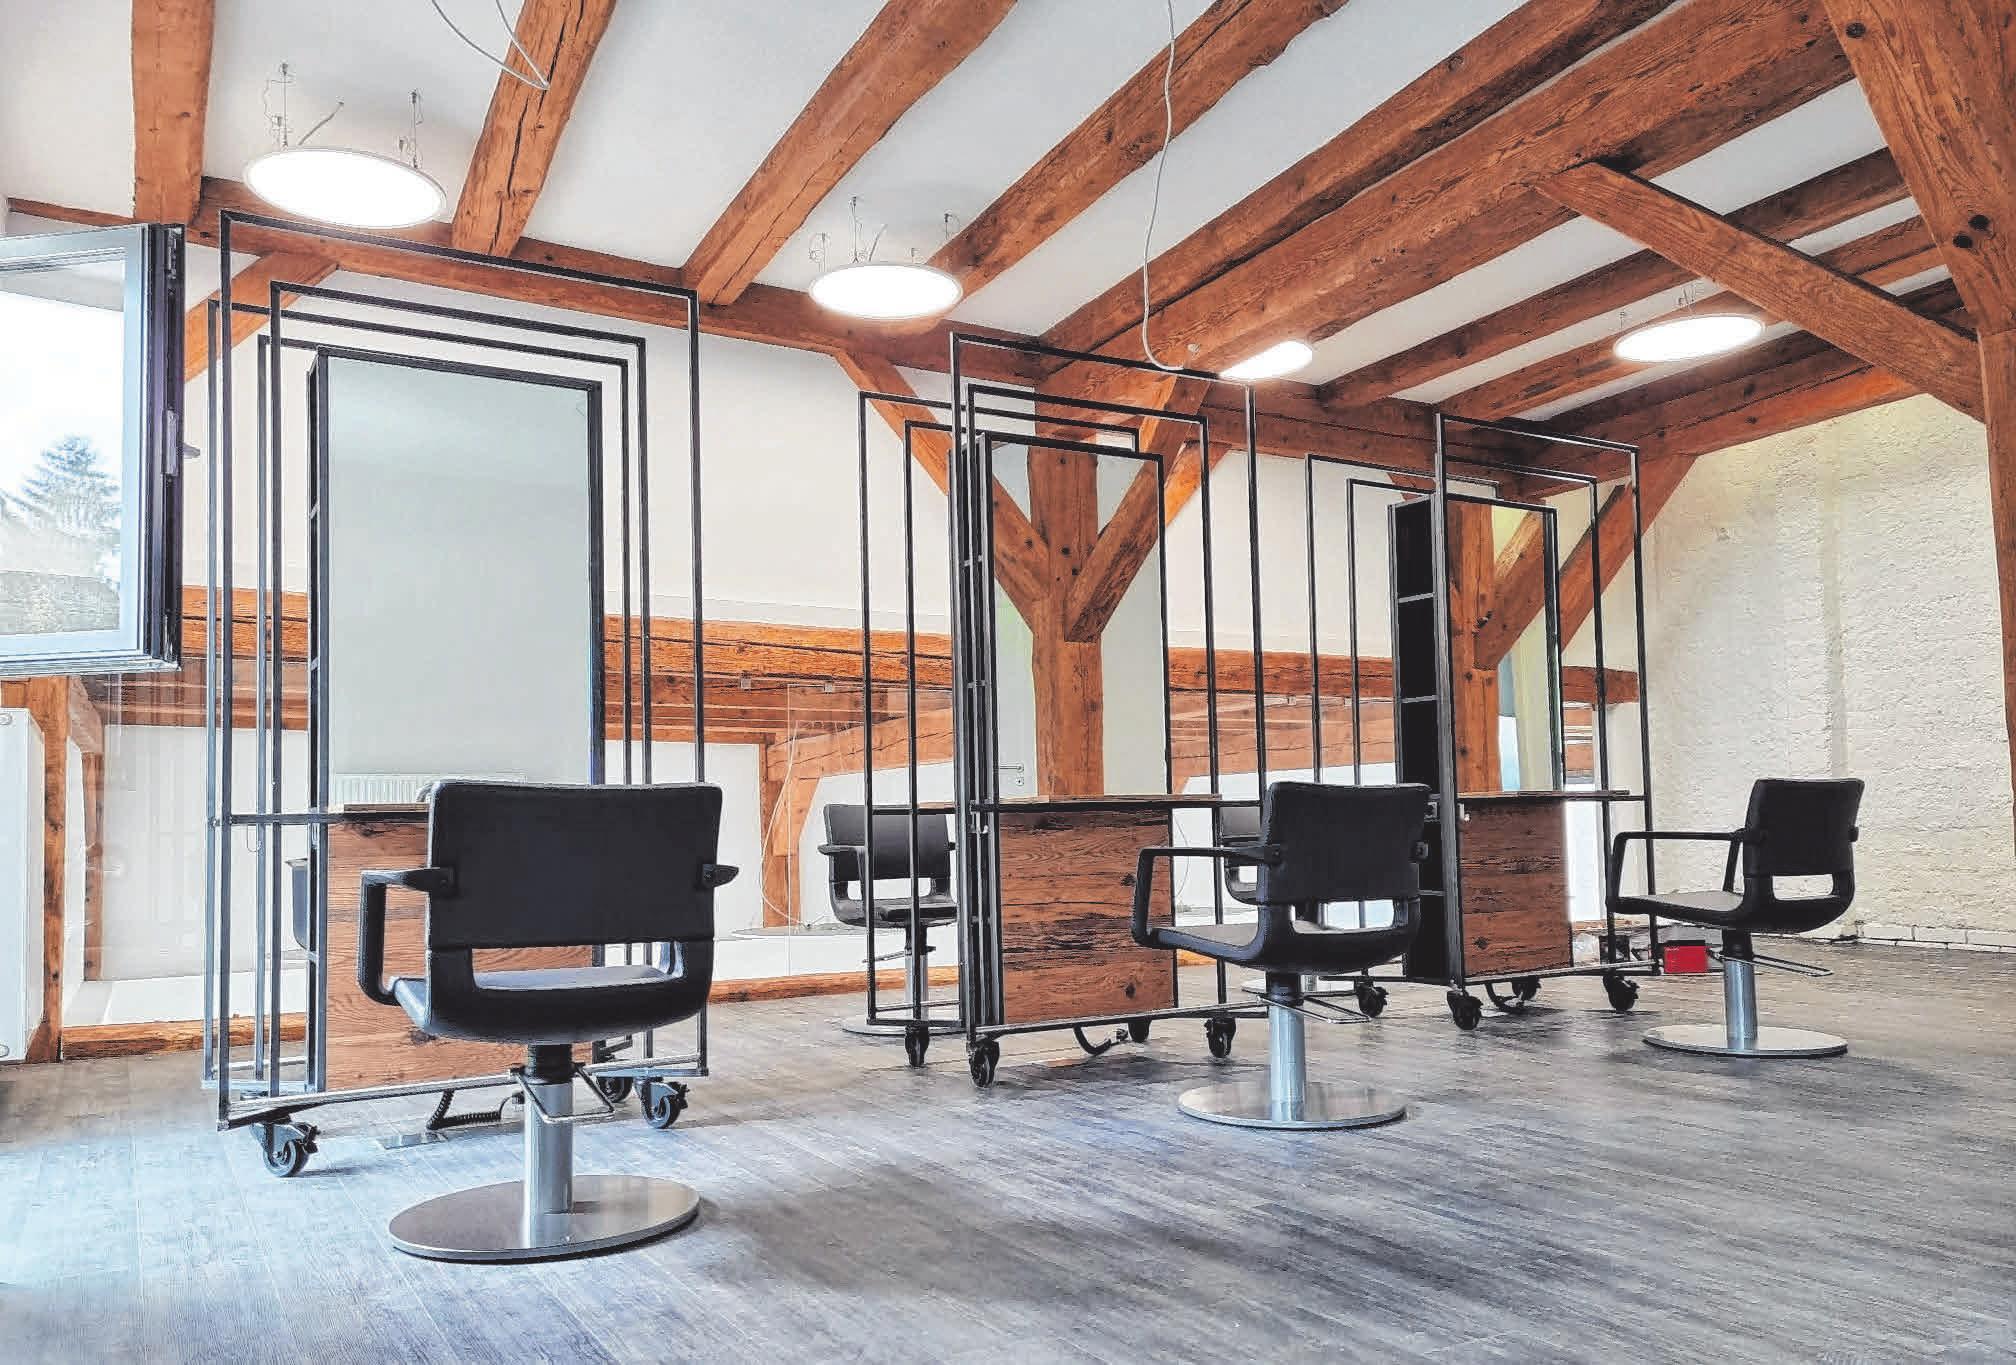 Im ersten Stock werden die Kunden auch optisch durch Fachwerk und eine verglaste Galerie verwöhnt.